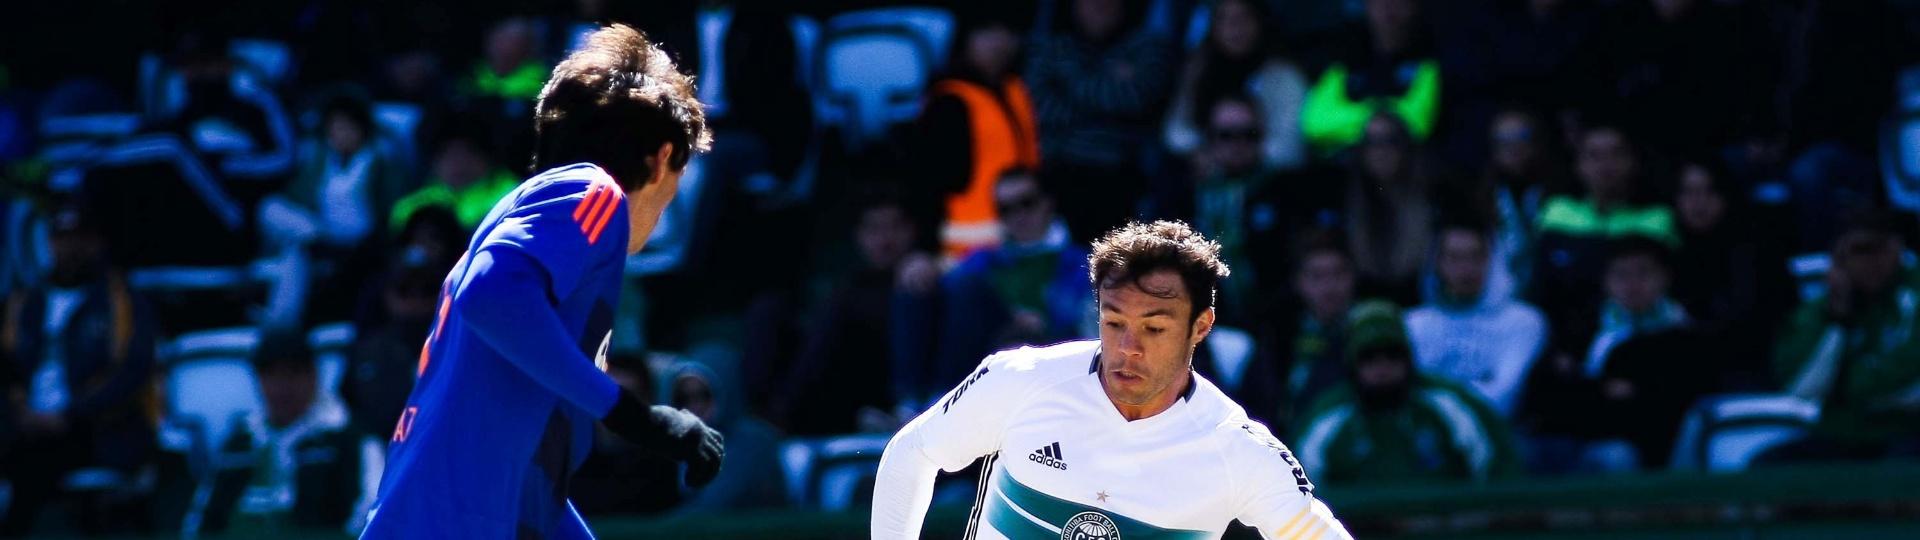 Kleber e Matheus Ferraz disputam bola em jogo com bastante gols em Curitiba